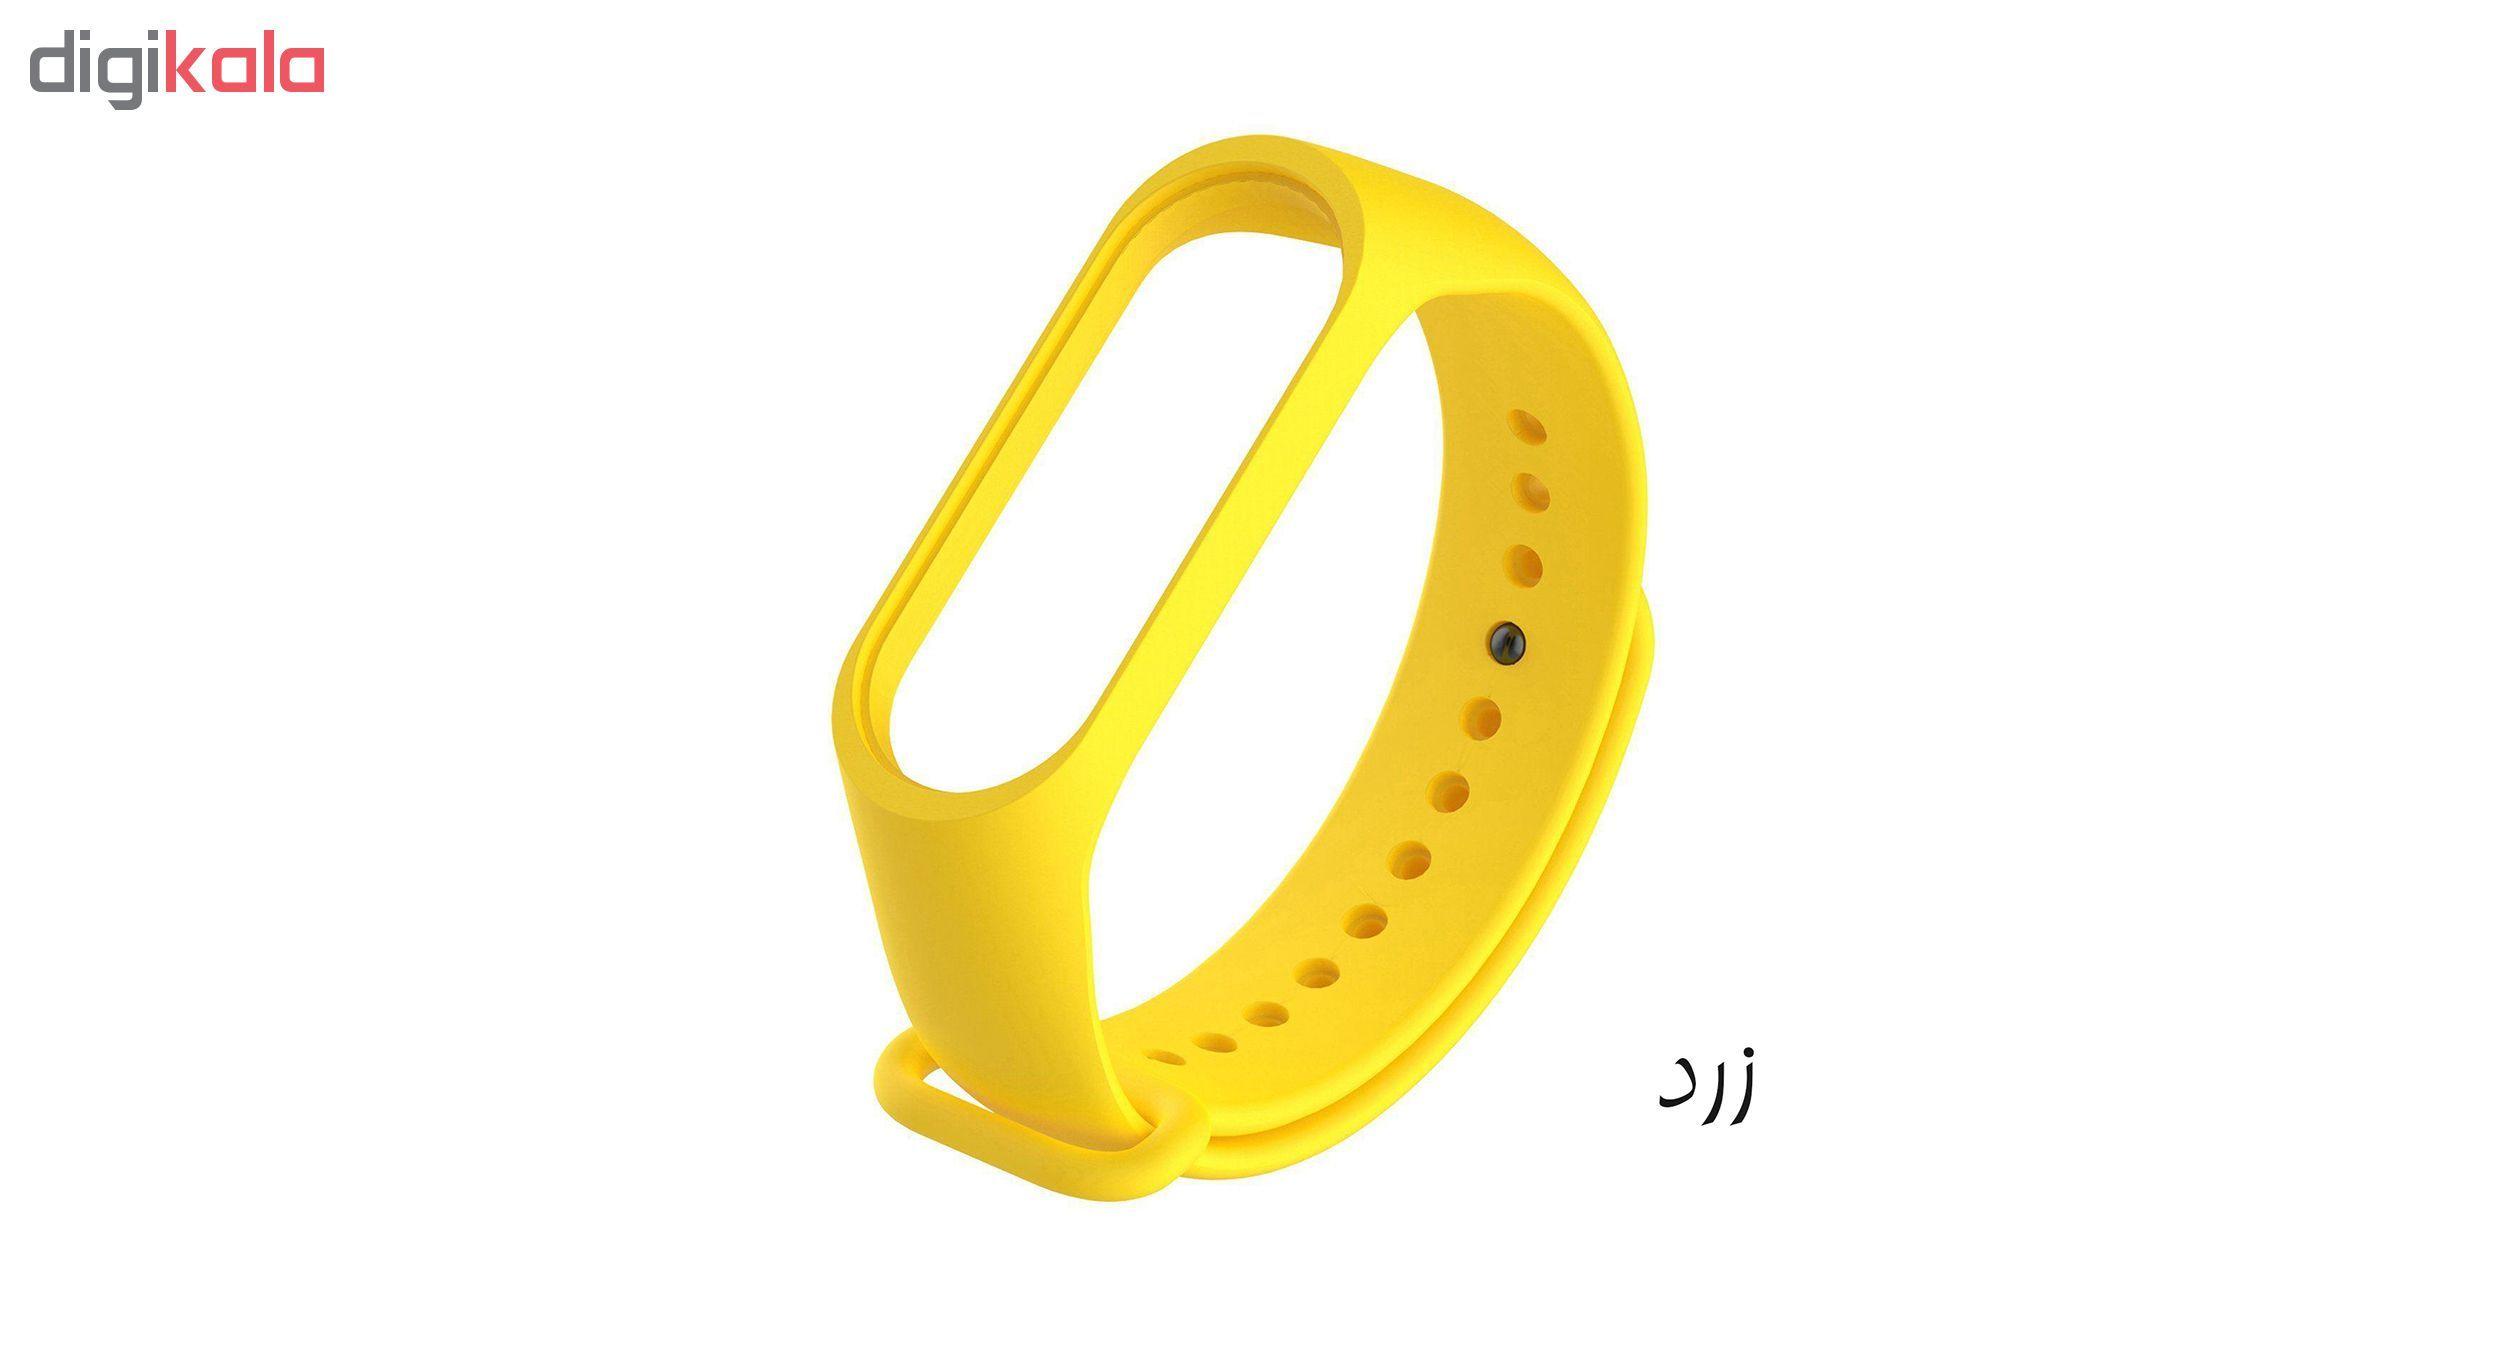 بند مچ بند هوشمند سومگ مدل SMG-S1 مناسب برای مچ بند هوشمند شیائومی Mi Band 3 و M3 main 1 9